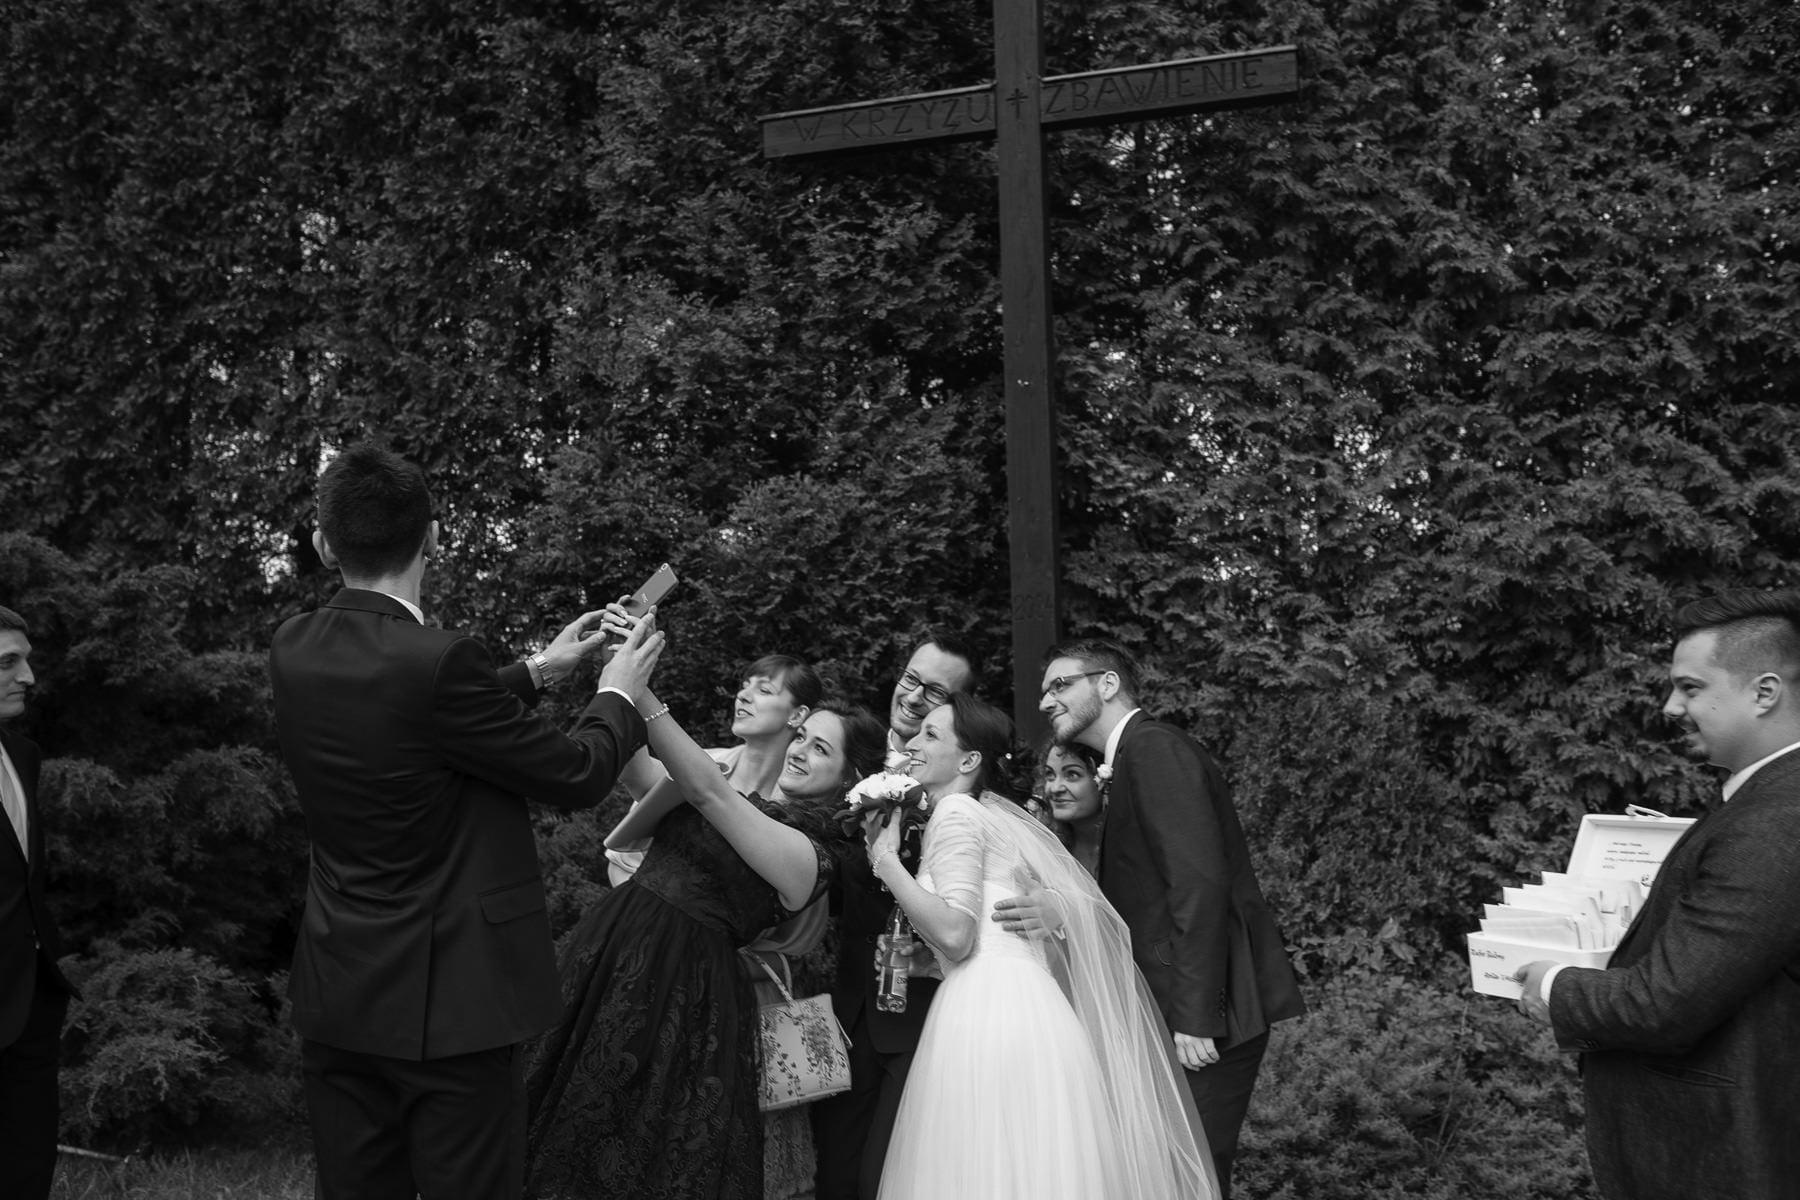 fotograf slub bielsko biala ania maciej 106 - Ślub w Bielsku-Białej - ANIA & MACIEJ